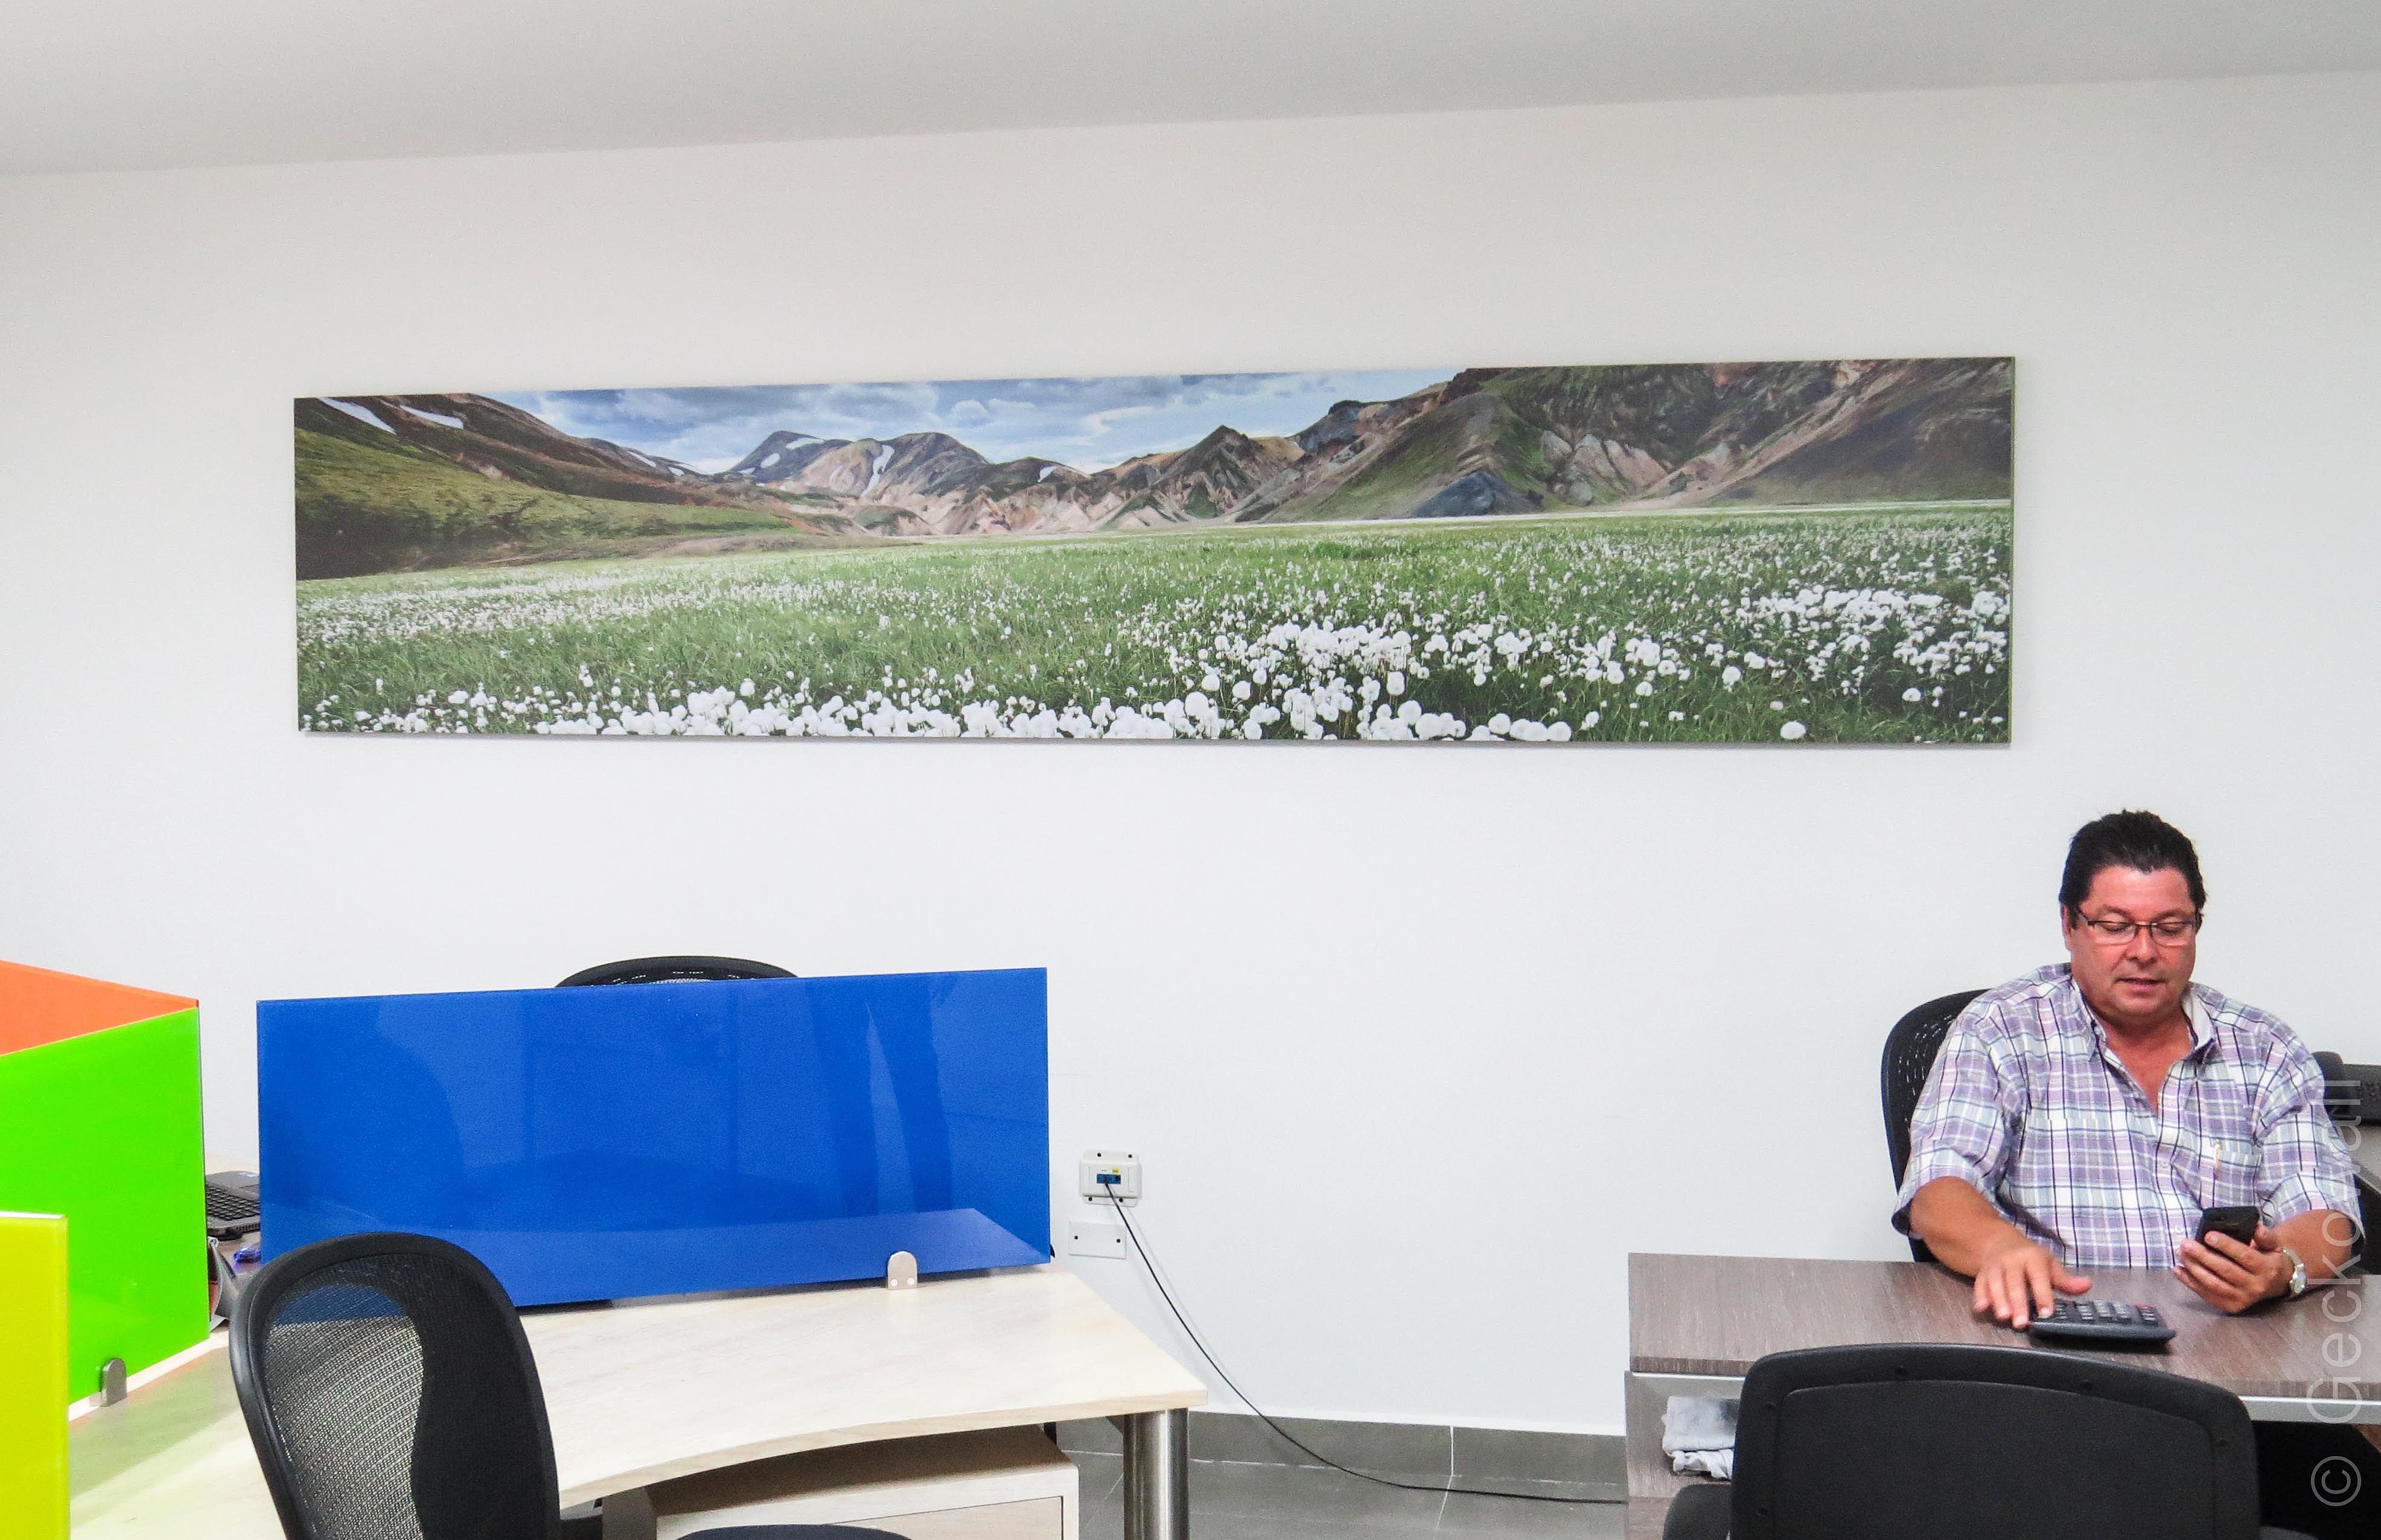 Vinilos decorativos cuadros y murales geckowall - Cuadros gran formato ...